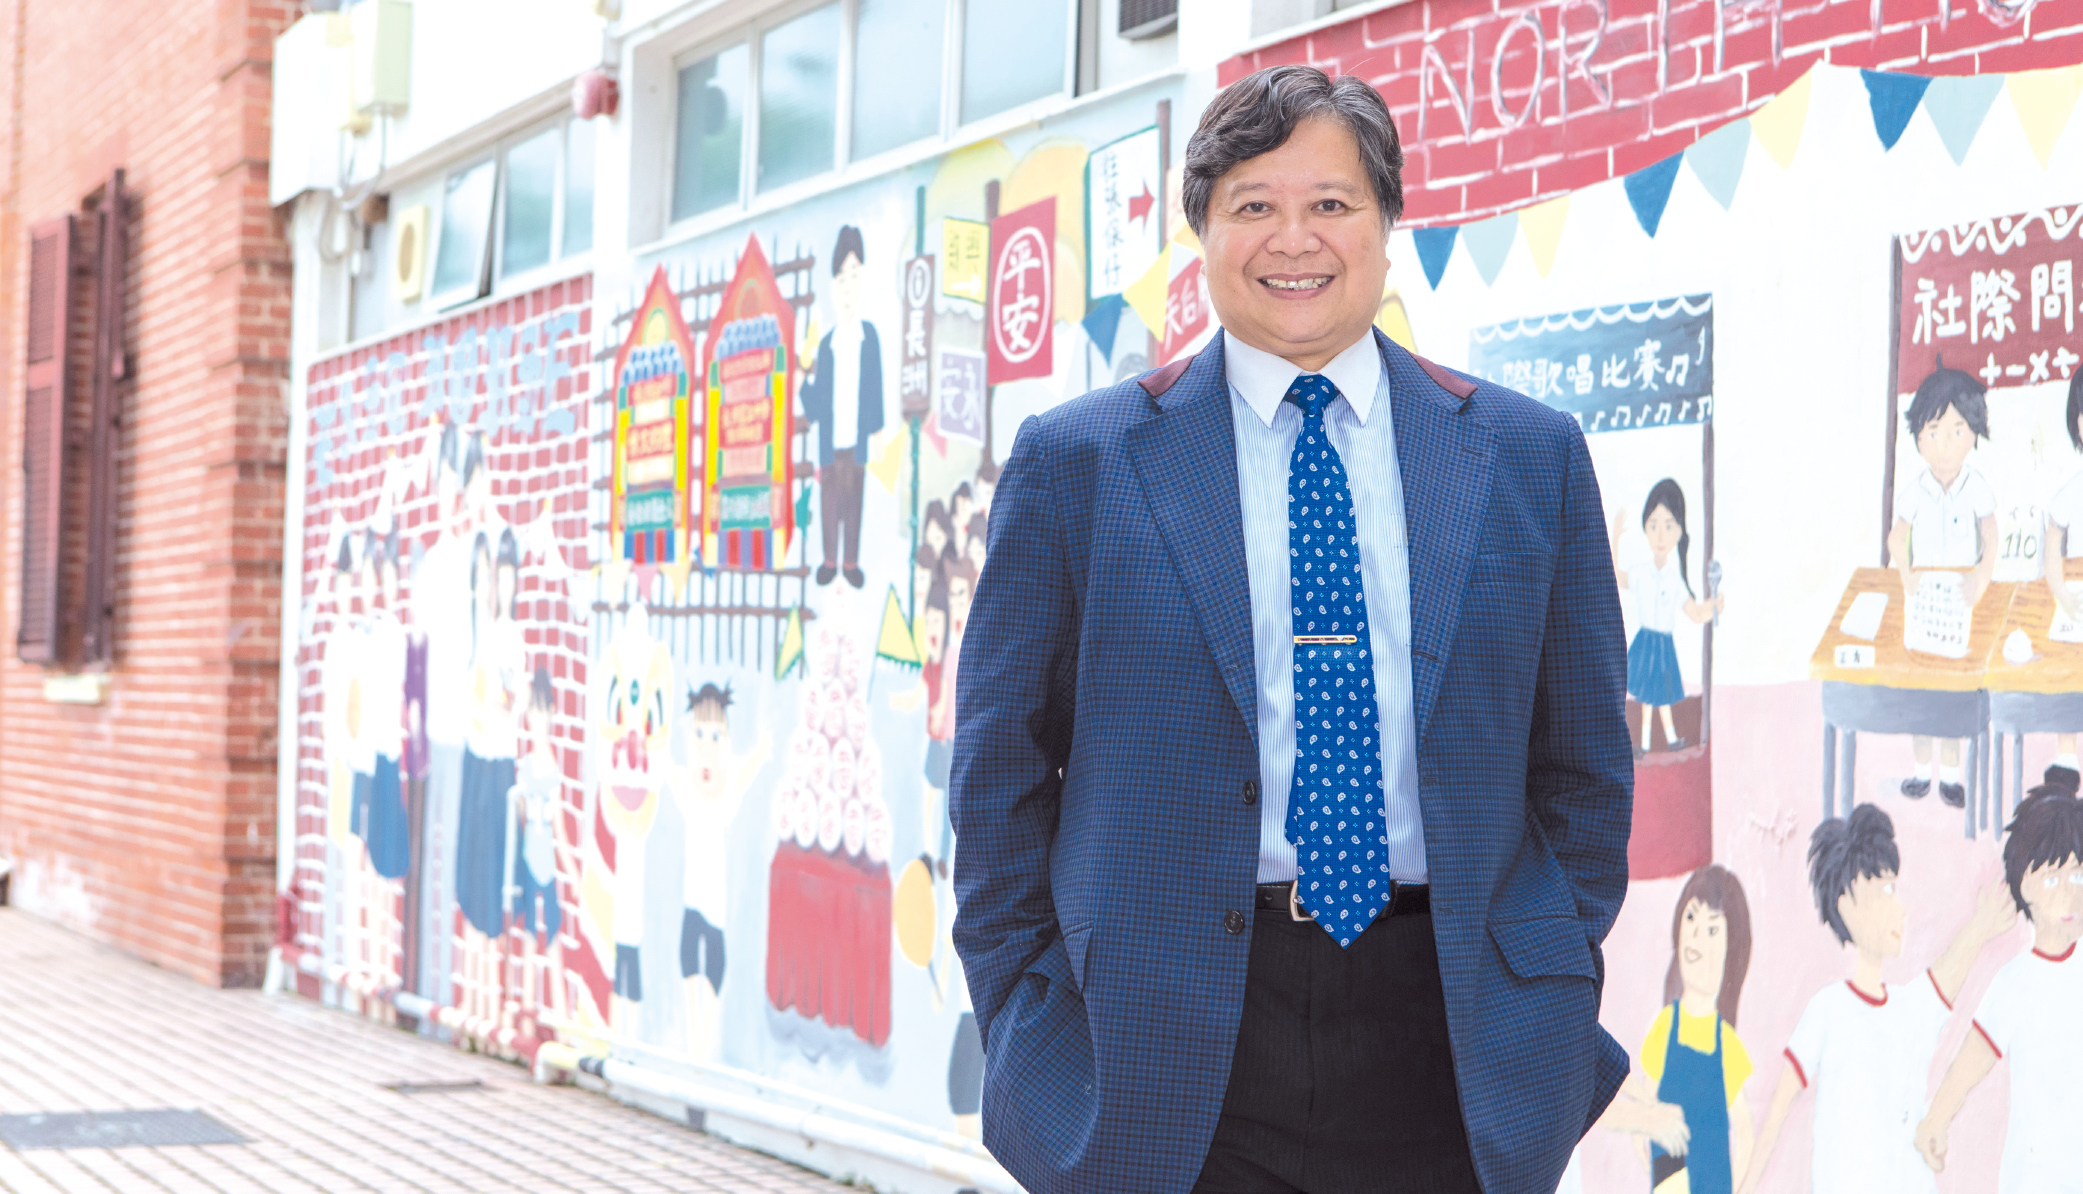 長洲官立中學:優良傳統 繼往開來 跳出校園 走進社群